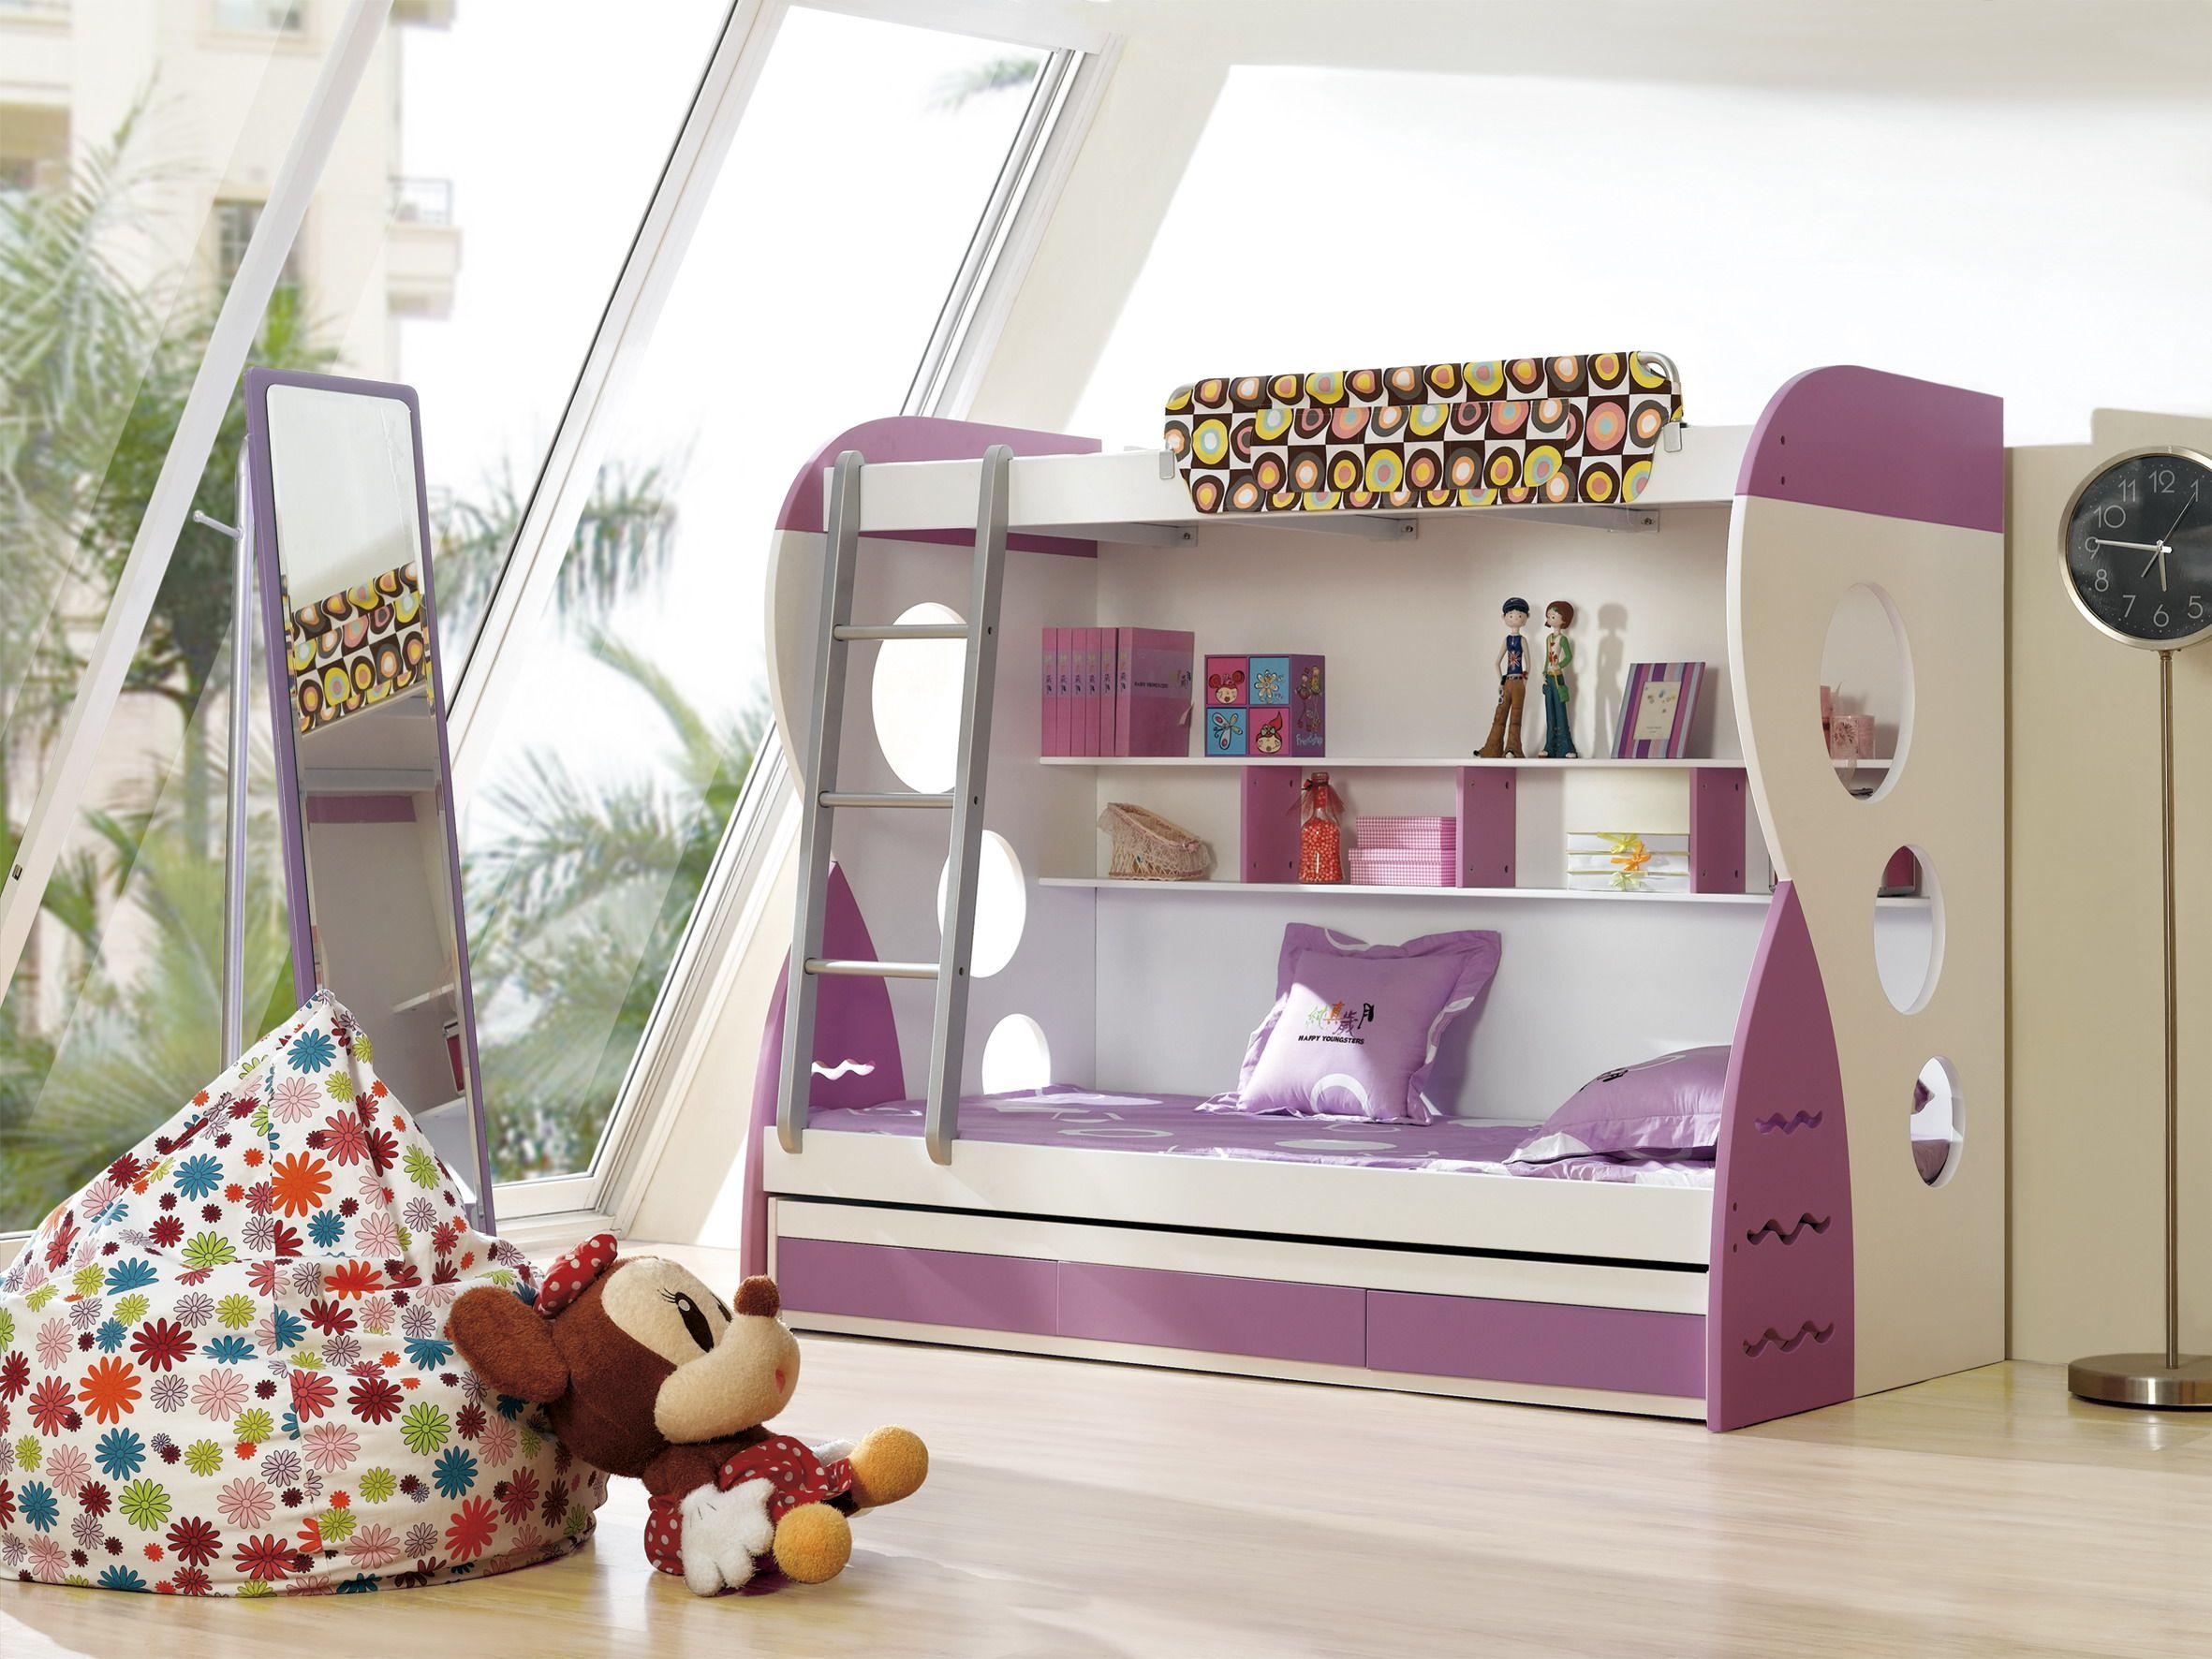 Etagenbett Für Baby Und Kleinkind : Fiona etagenbett h jugendzimmer baby